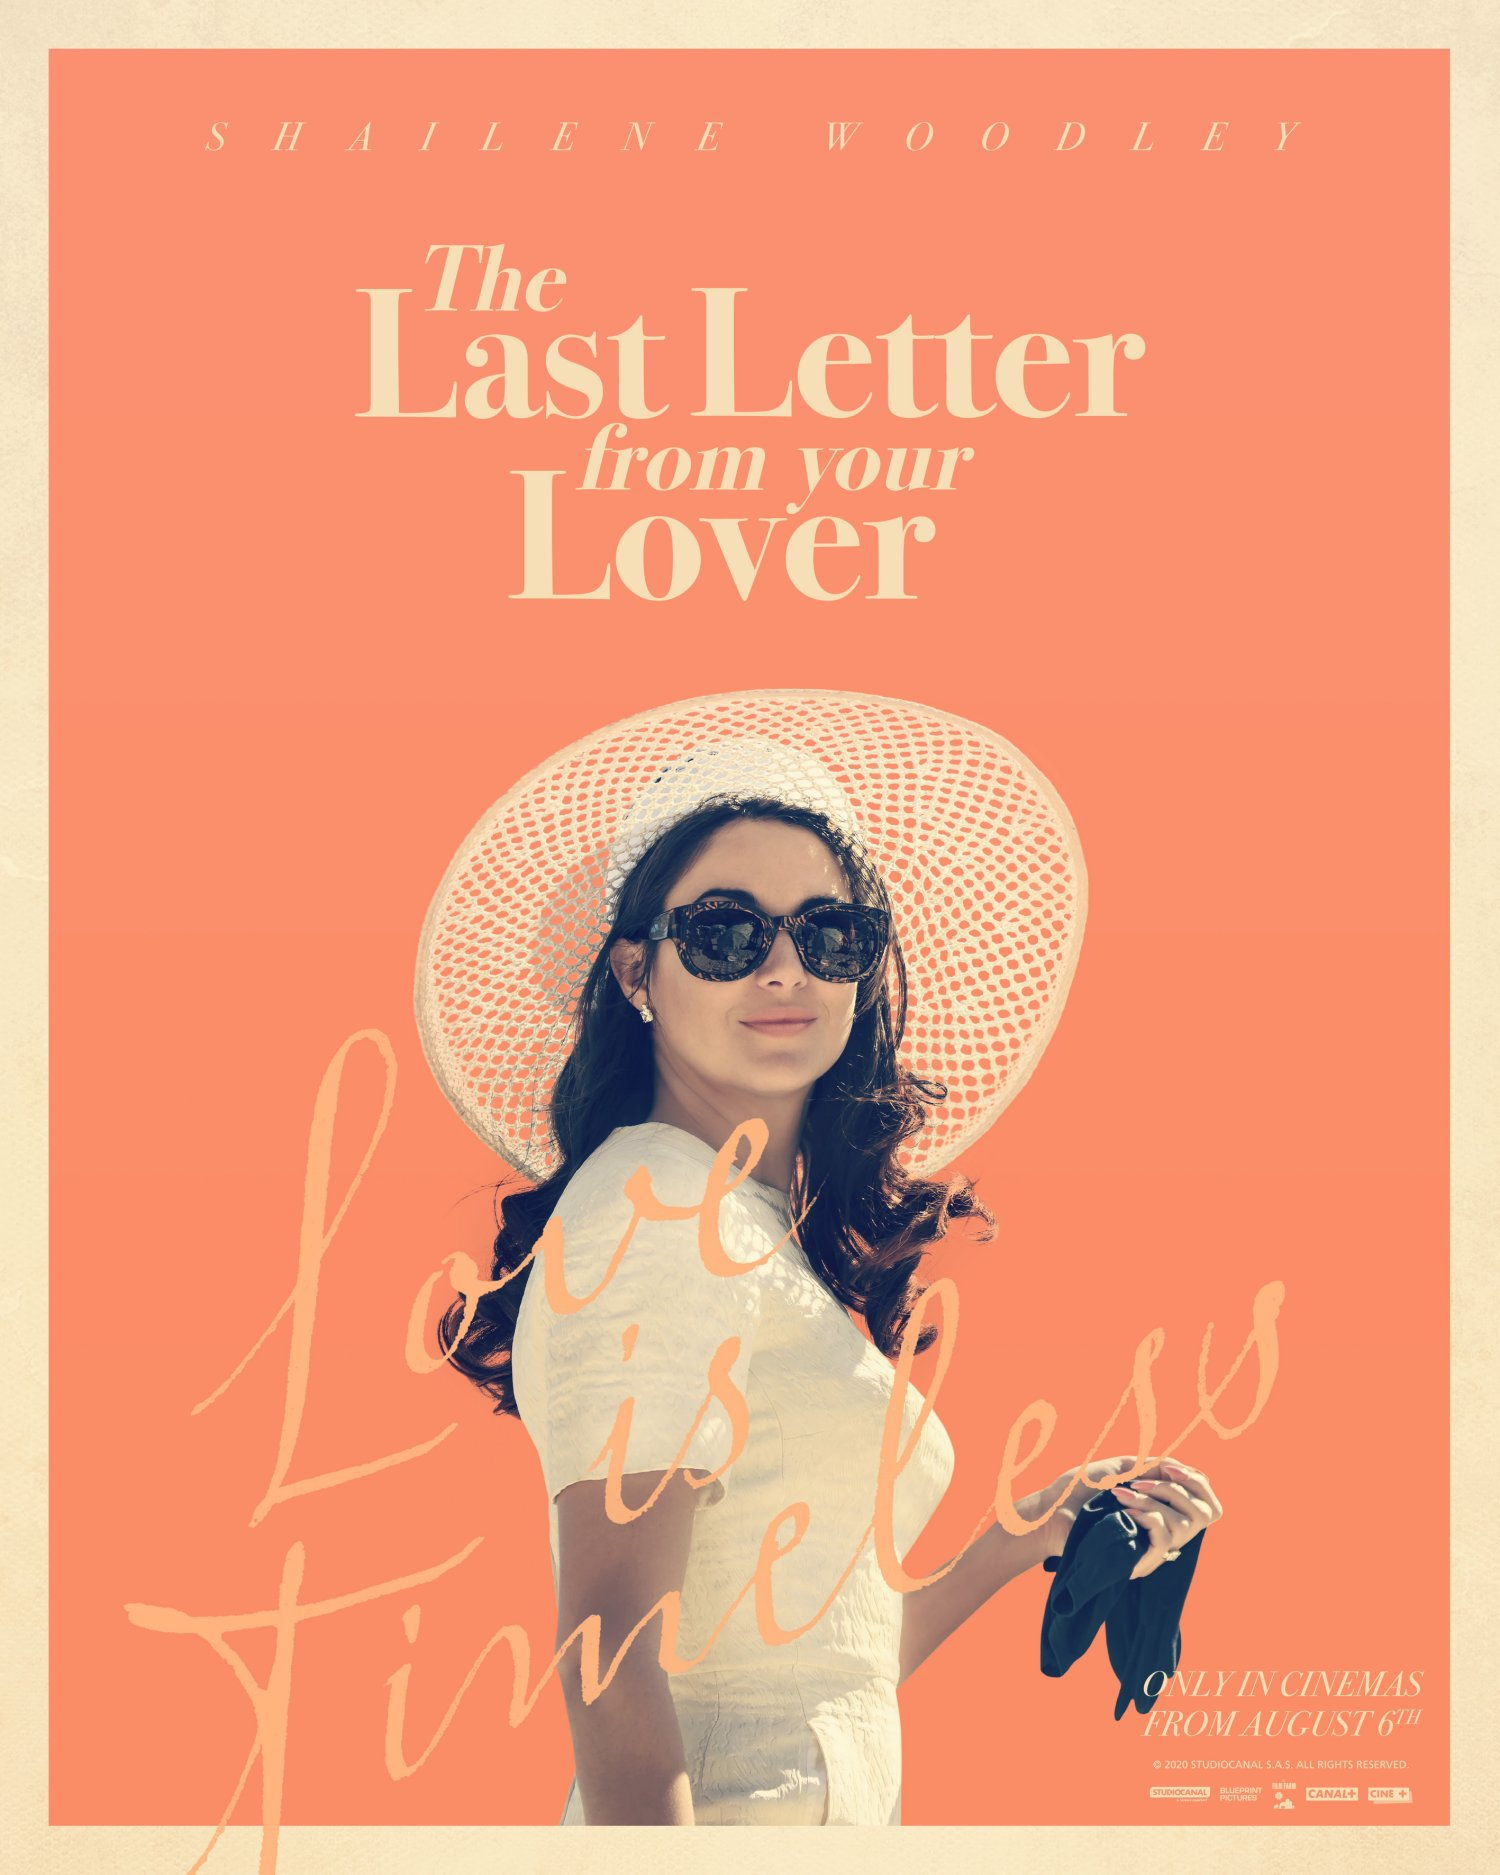 The-Last-Letter-from-Your-Lover-Character-Artworks-INTERNATIONAL-English-Original-Version-2835×3543-Last-Letter-SOCIAL-4×5-SHAILENE-jpg